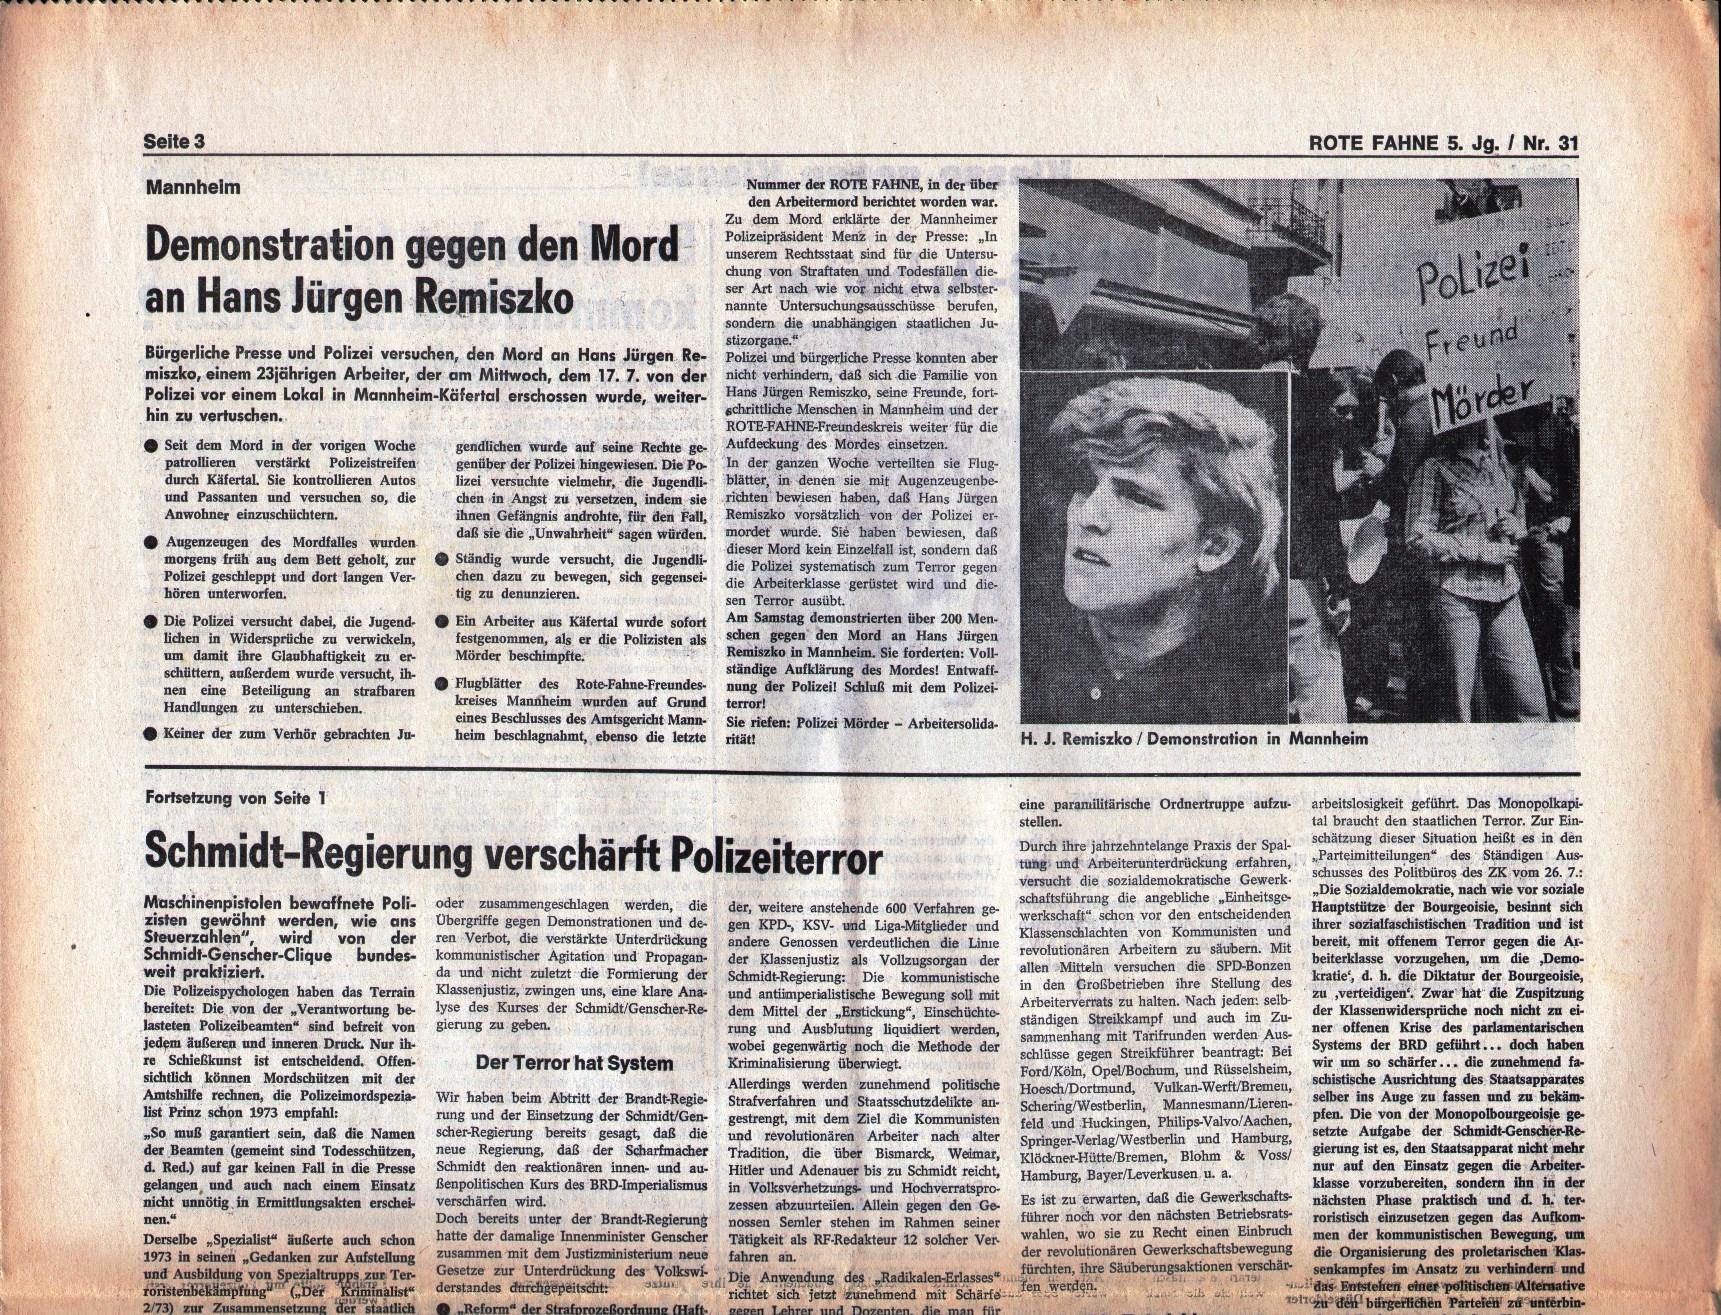 KPD_Rote_Fahne_1974_31_05